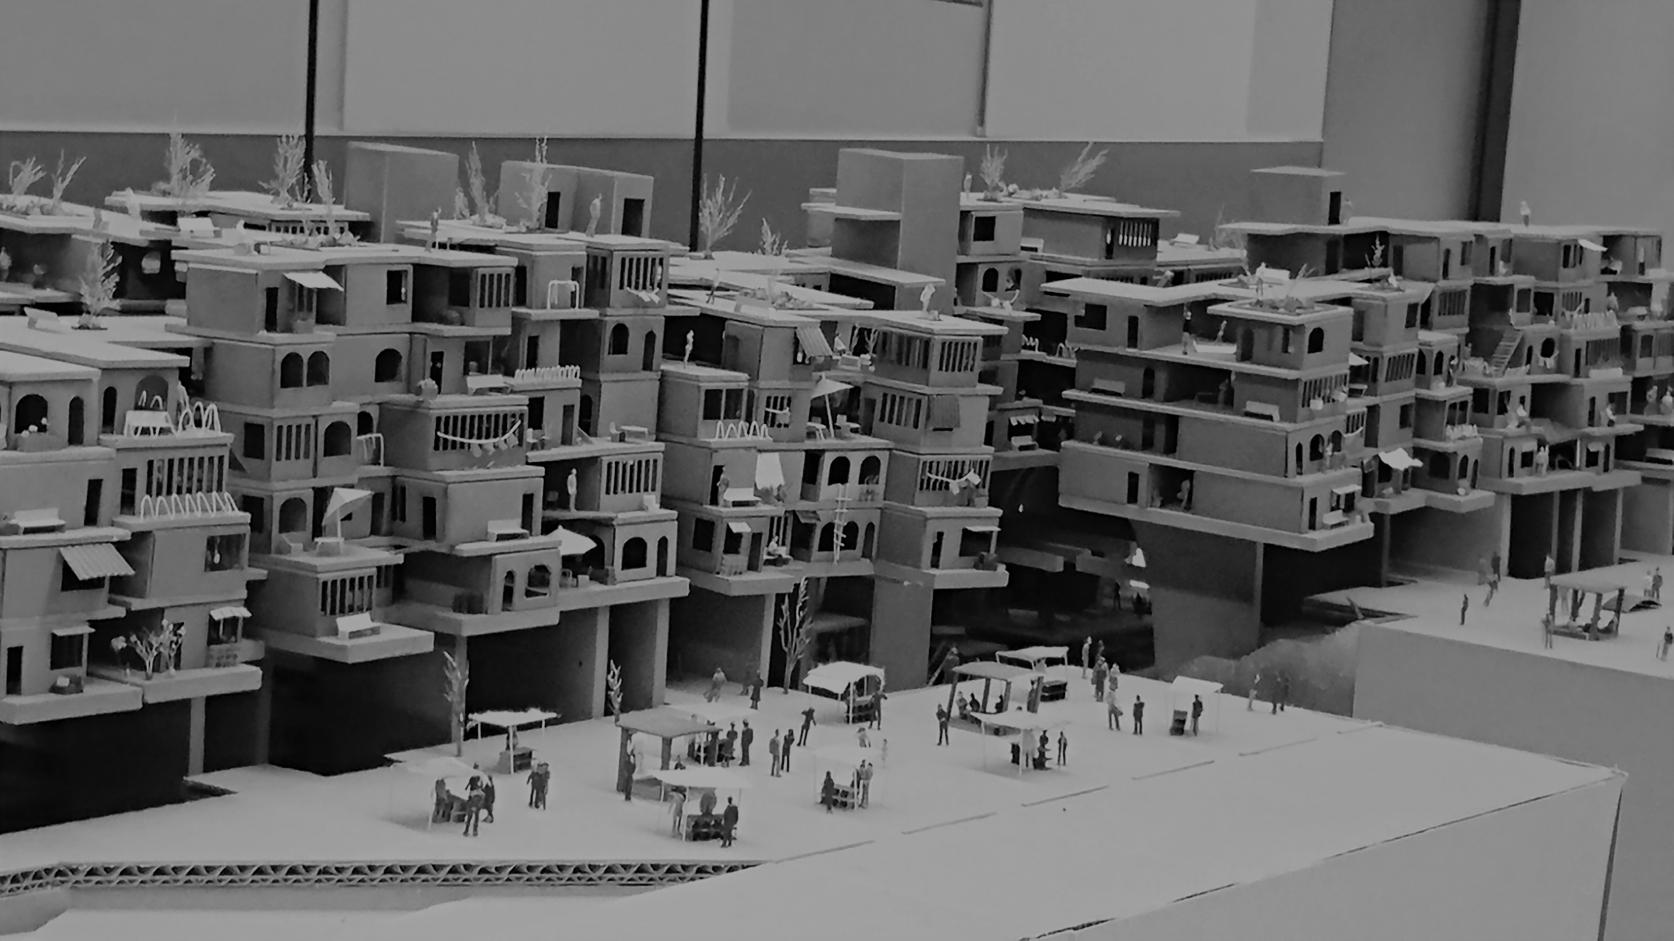 10月1日(月)~6日(土):建築週間<br>作品展示(10/1~6)/研究室公開(10/6のみ)/総合講評会スーパージュリー(10/6のみ)<br>ー将来建築の世界を目指している皆さん、必見ですー